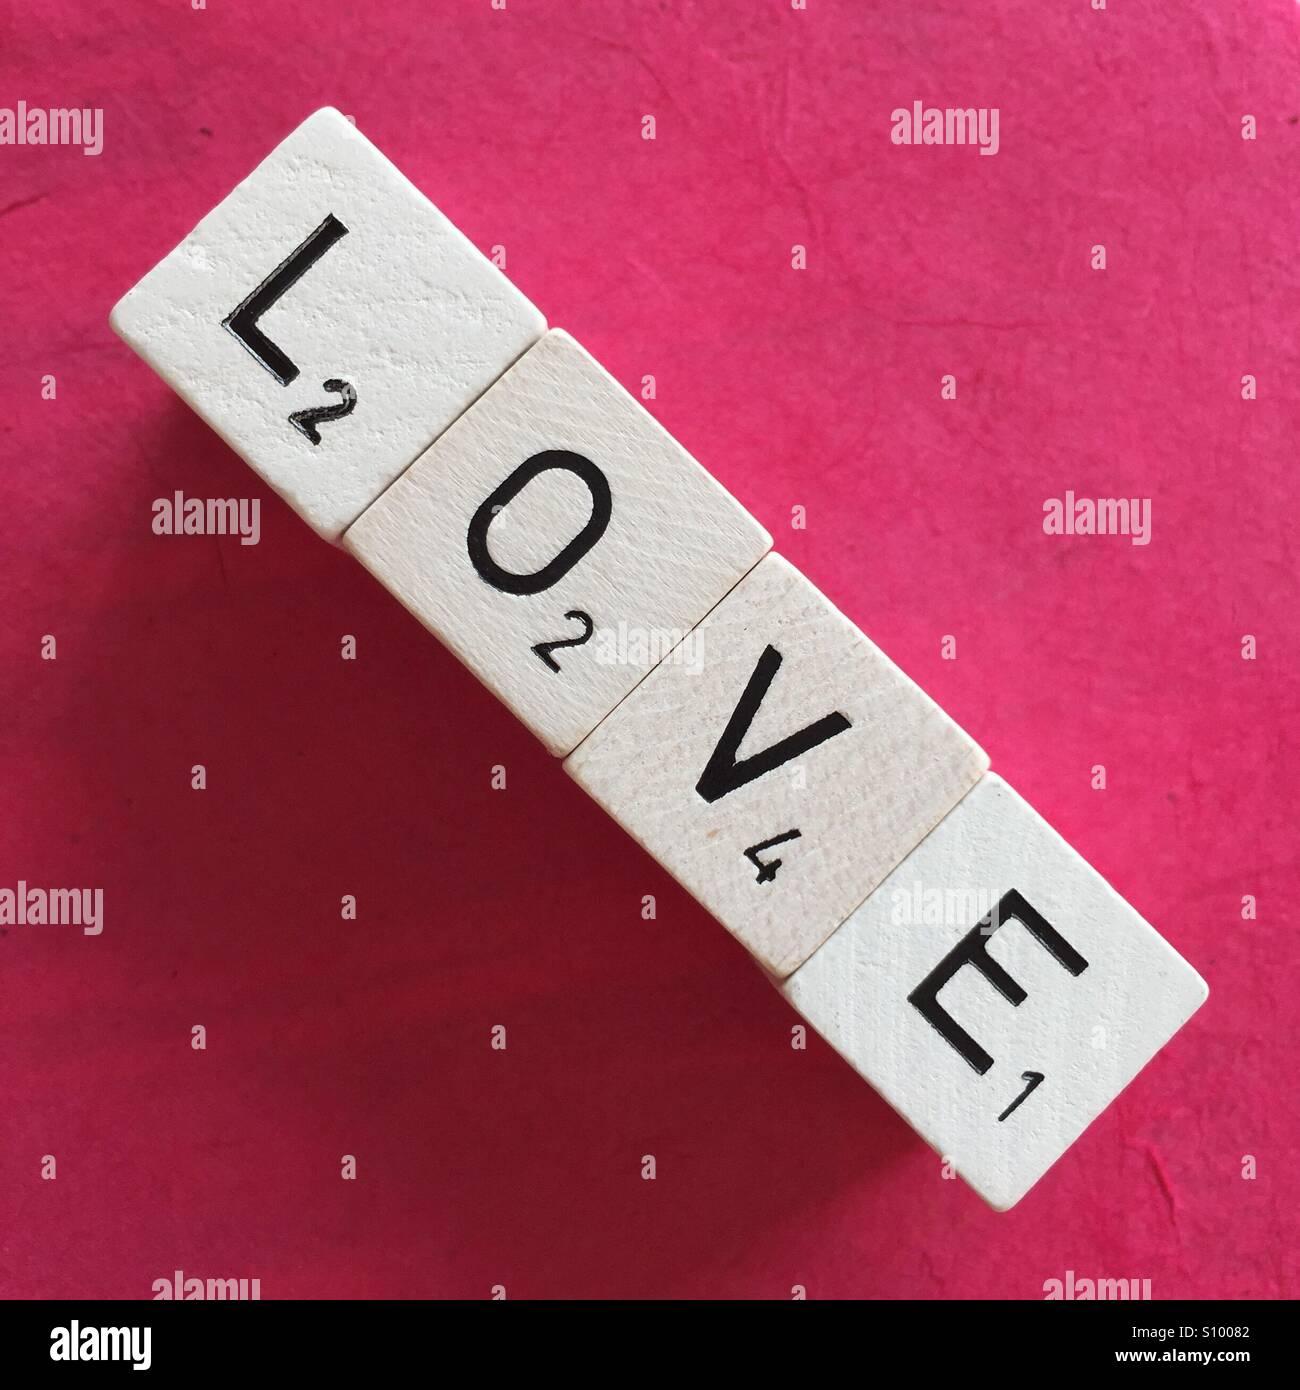 Amor Imagen De Stock